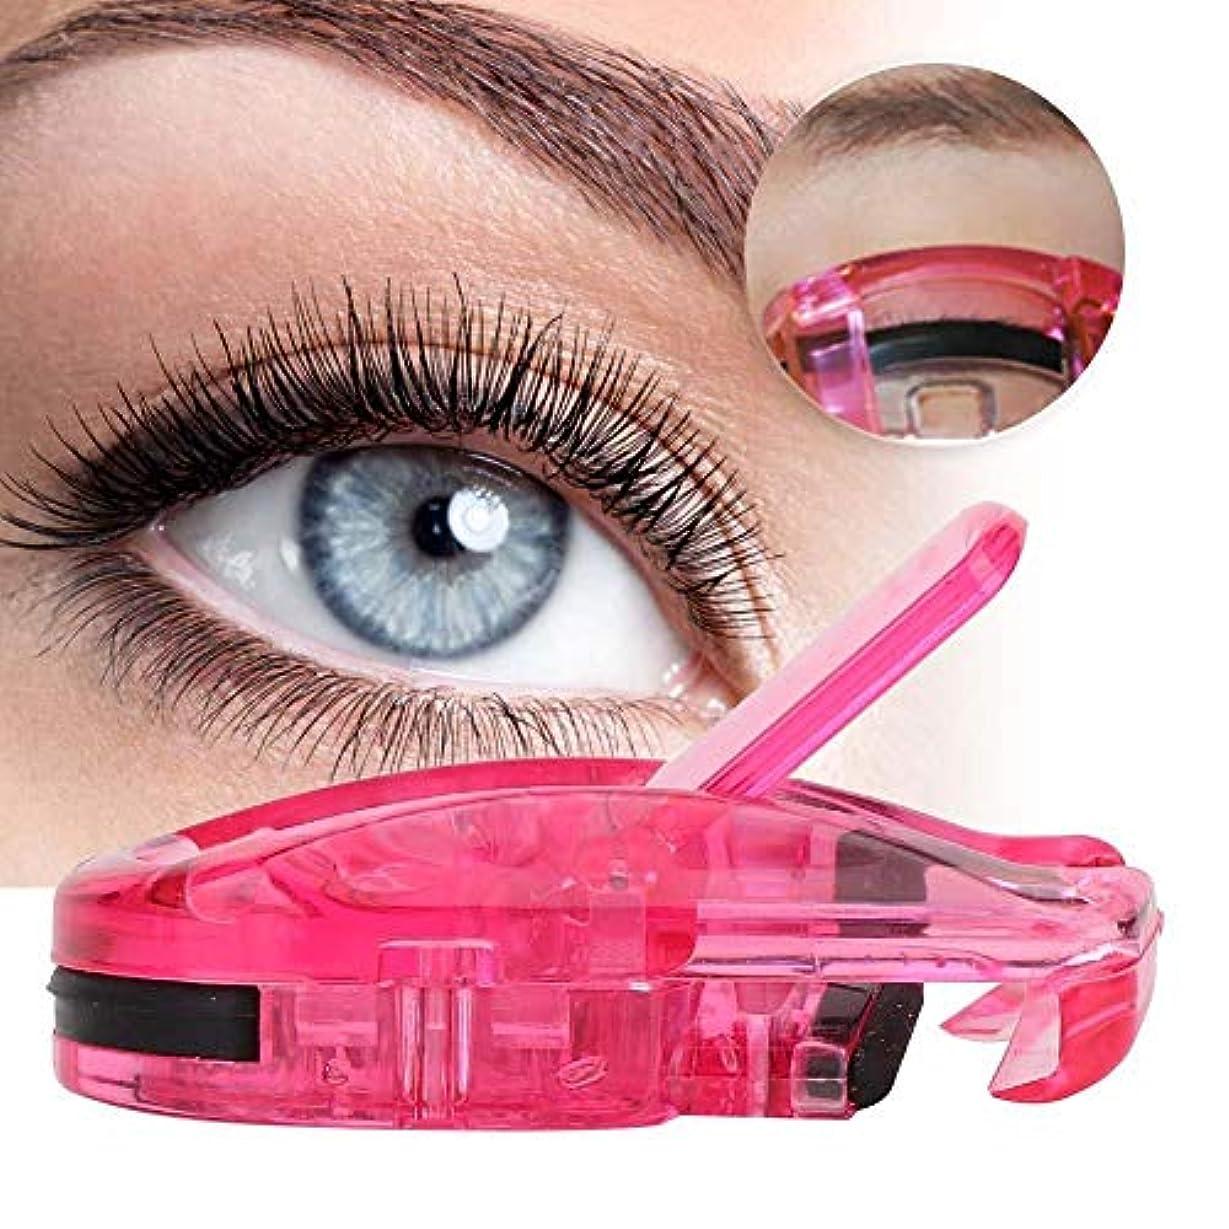 種スチュワーデス温帯アイラッシュカーラー ミニサイズ ビューラー 持ち便利 睫毛 まつ毛 化粧道具 ビューラー クリップ クリップ フィットカーラー 化粧ツール